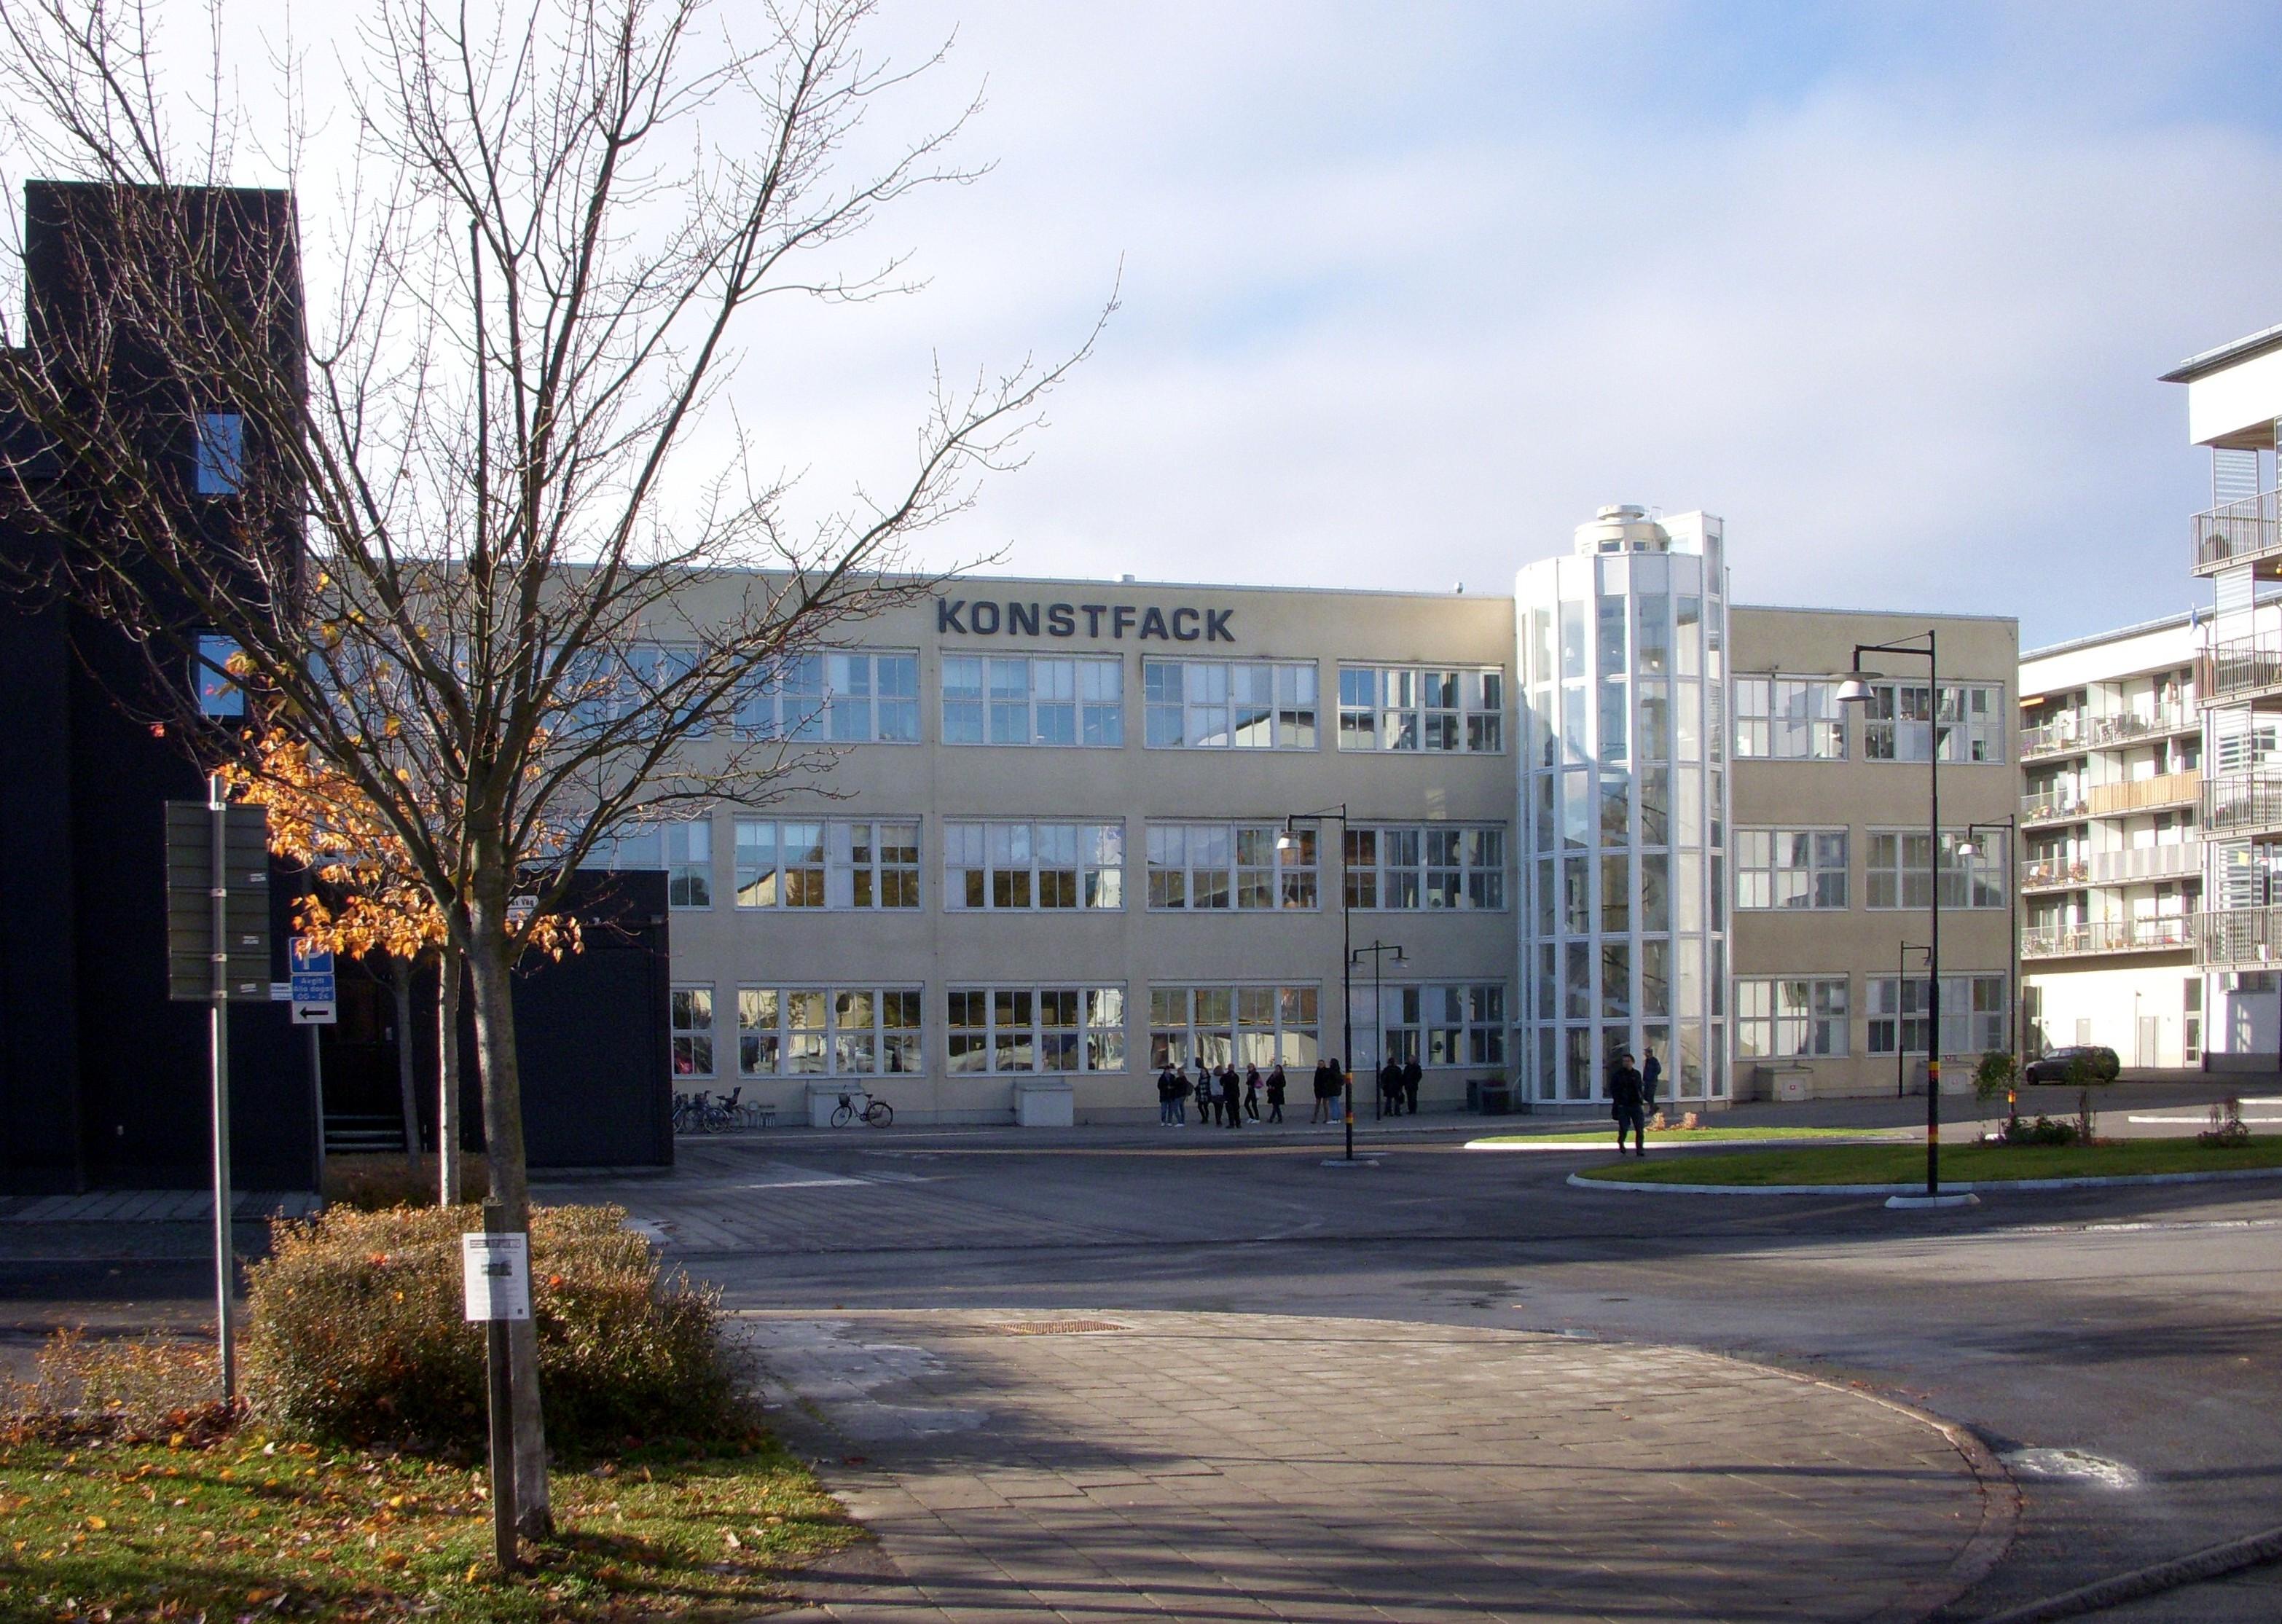 Konstfack University College Of Arts Crafts And Design Sweden